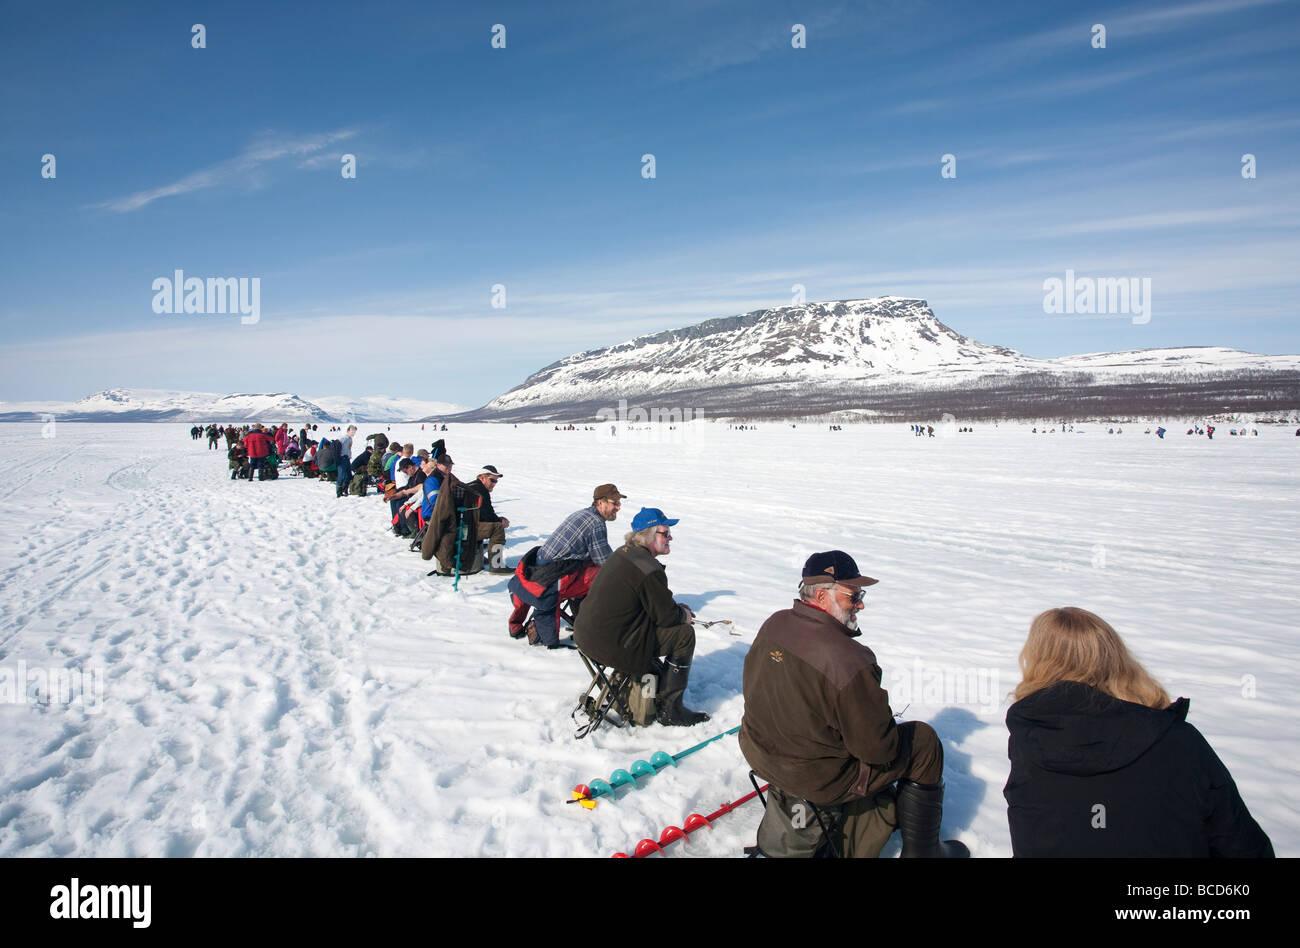 Vain kaksi kalaa ( Only two fish ) ice fishing competition at Lake Kilpisjärvi Finland Lapland Saanatunturi - Stock Image